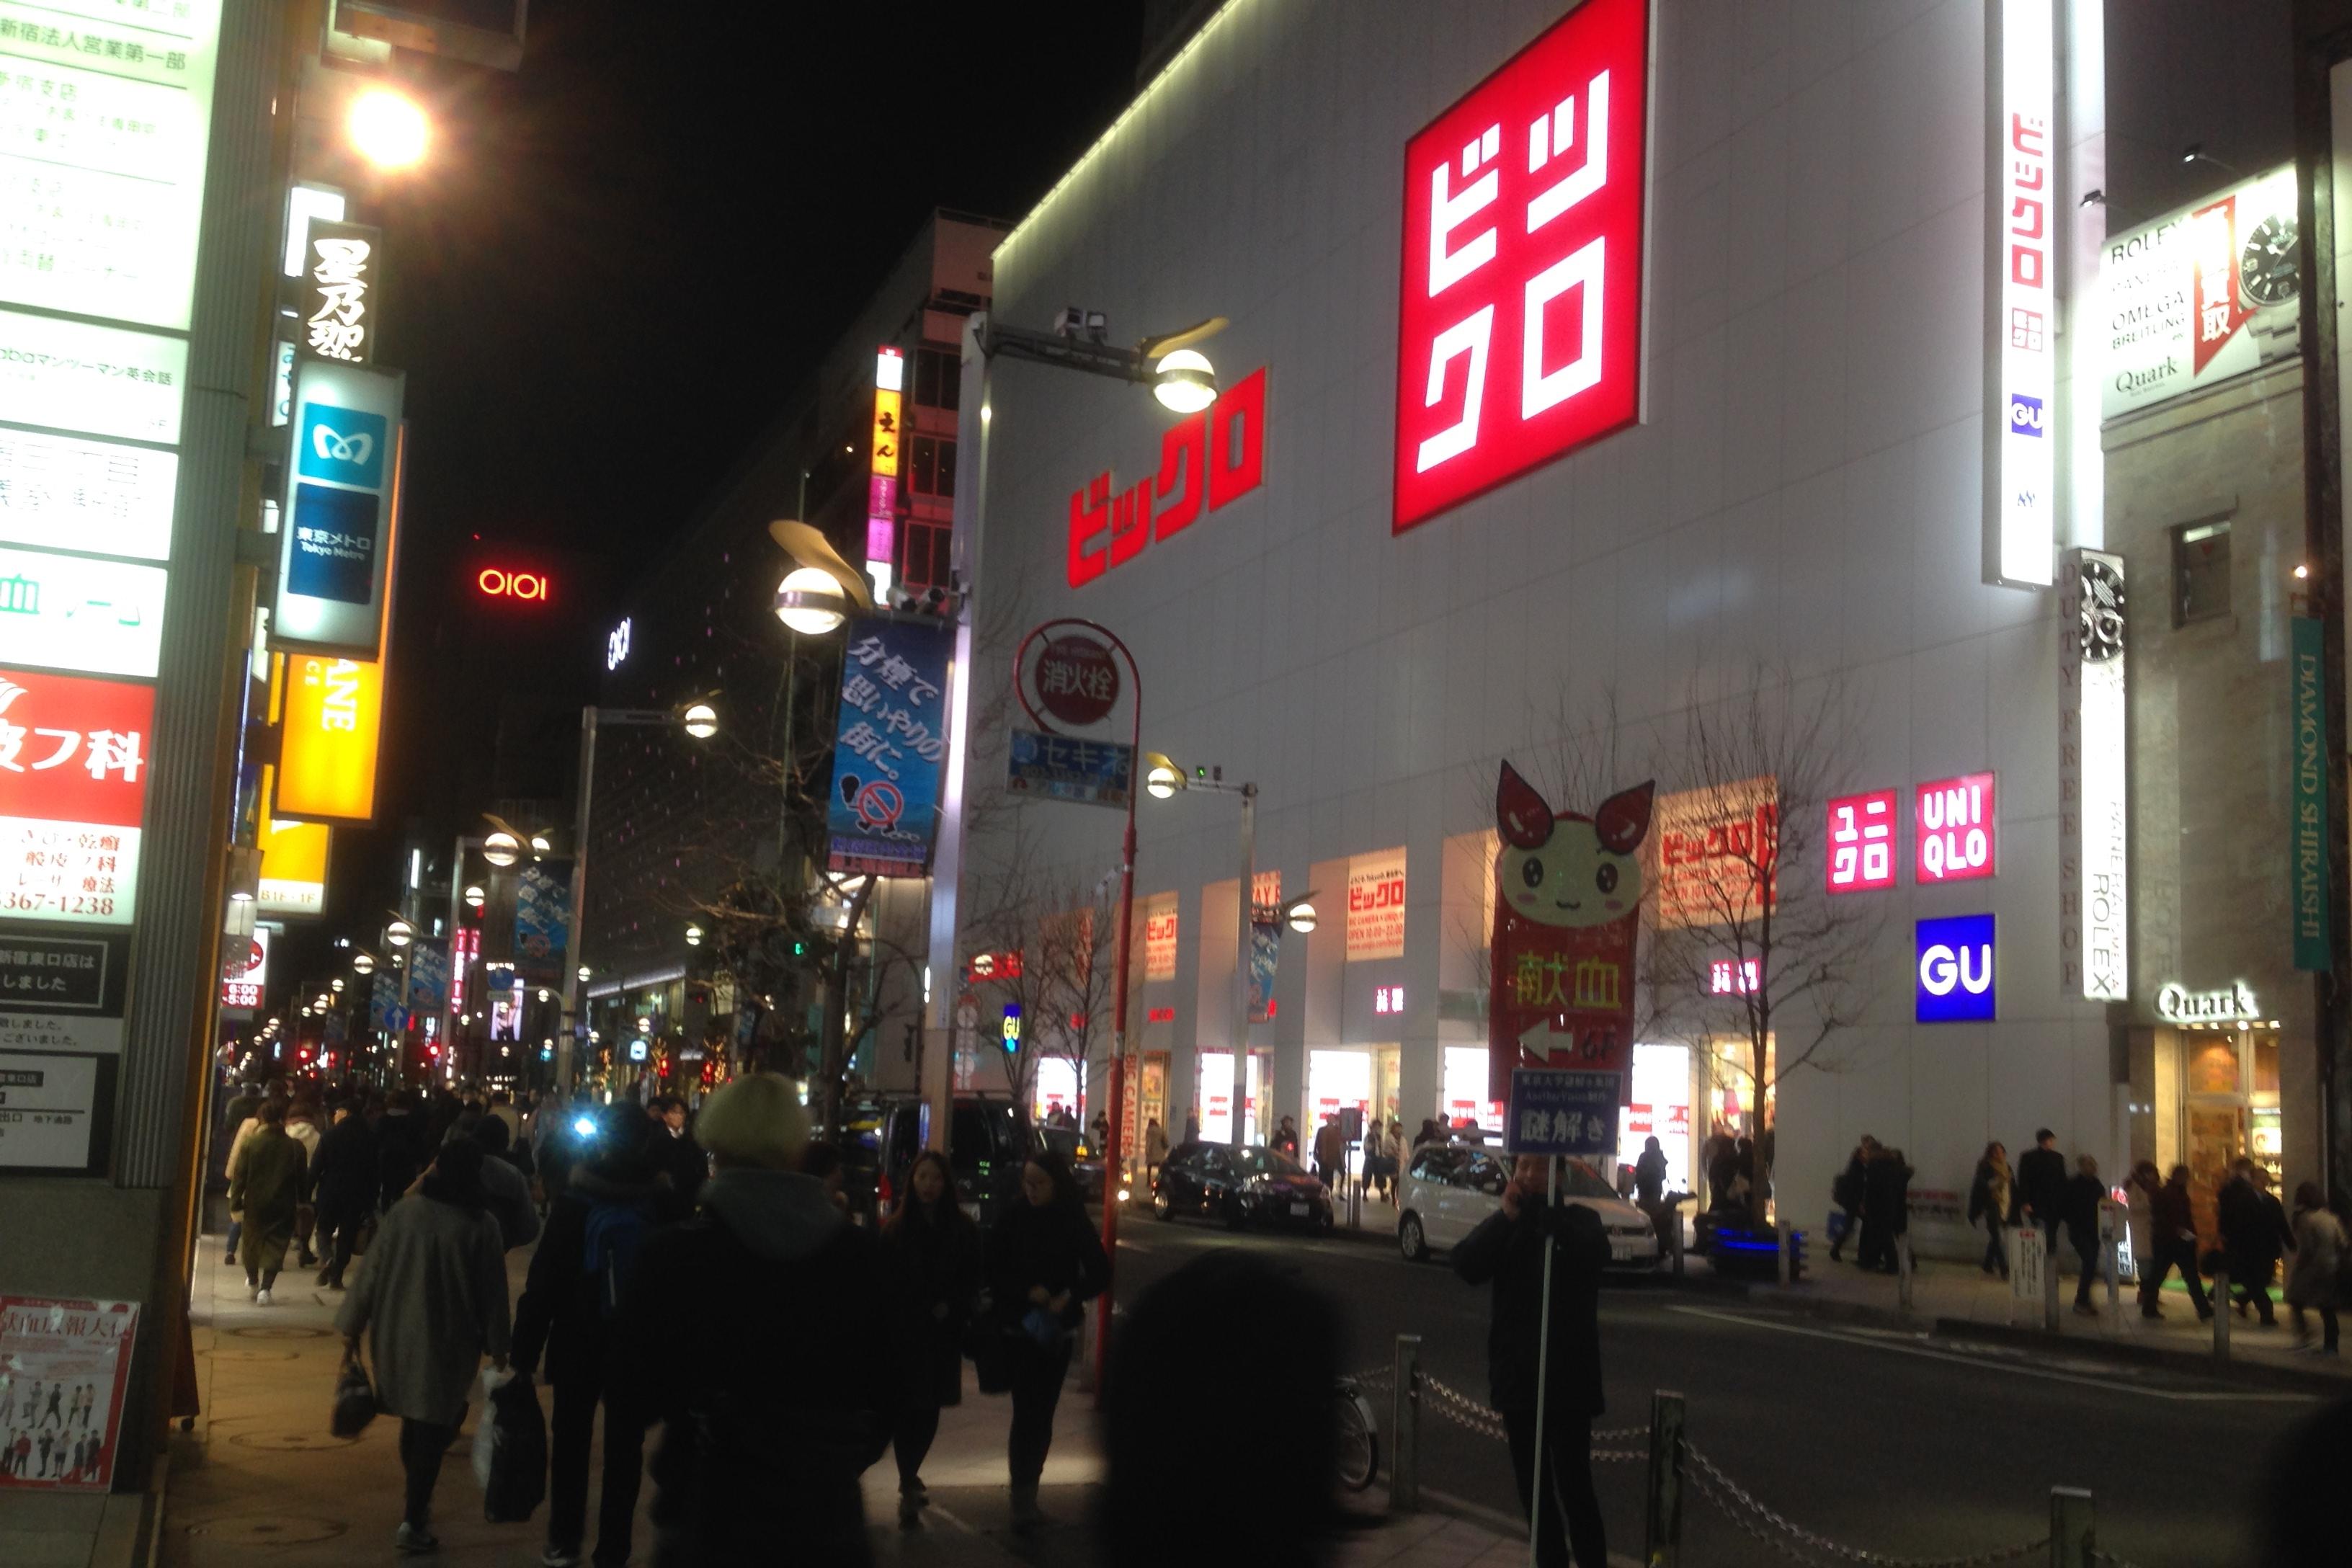 Bic Camera+Uniqlo=新宿購物的推薦景點BicQlo! by 17兩 | Go1Buy1